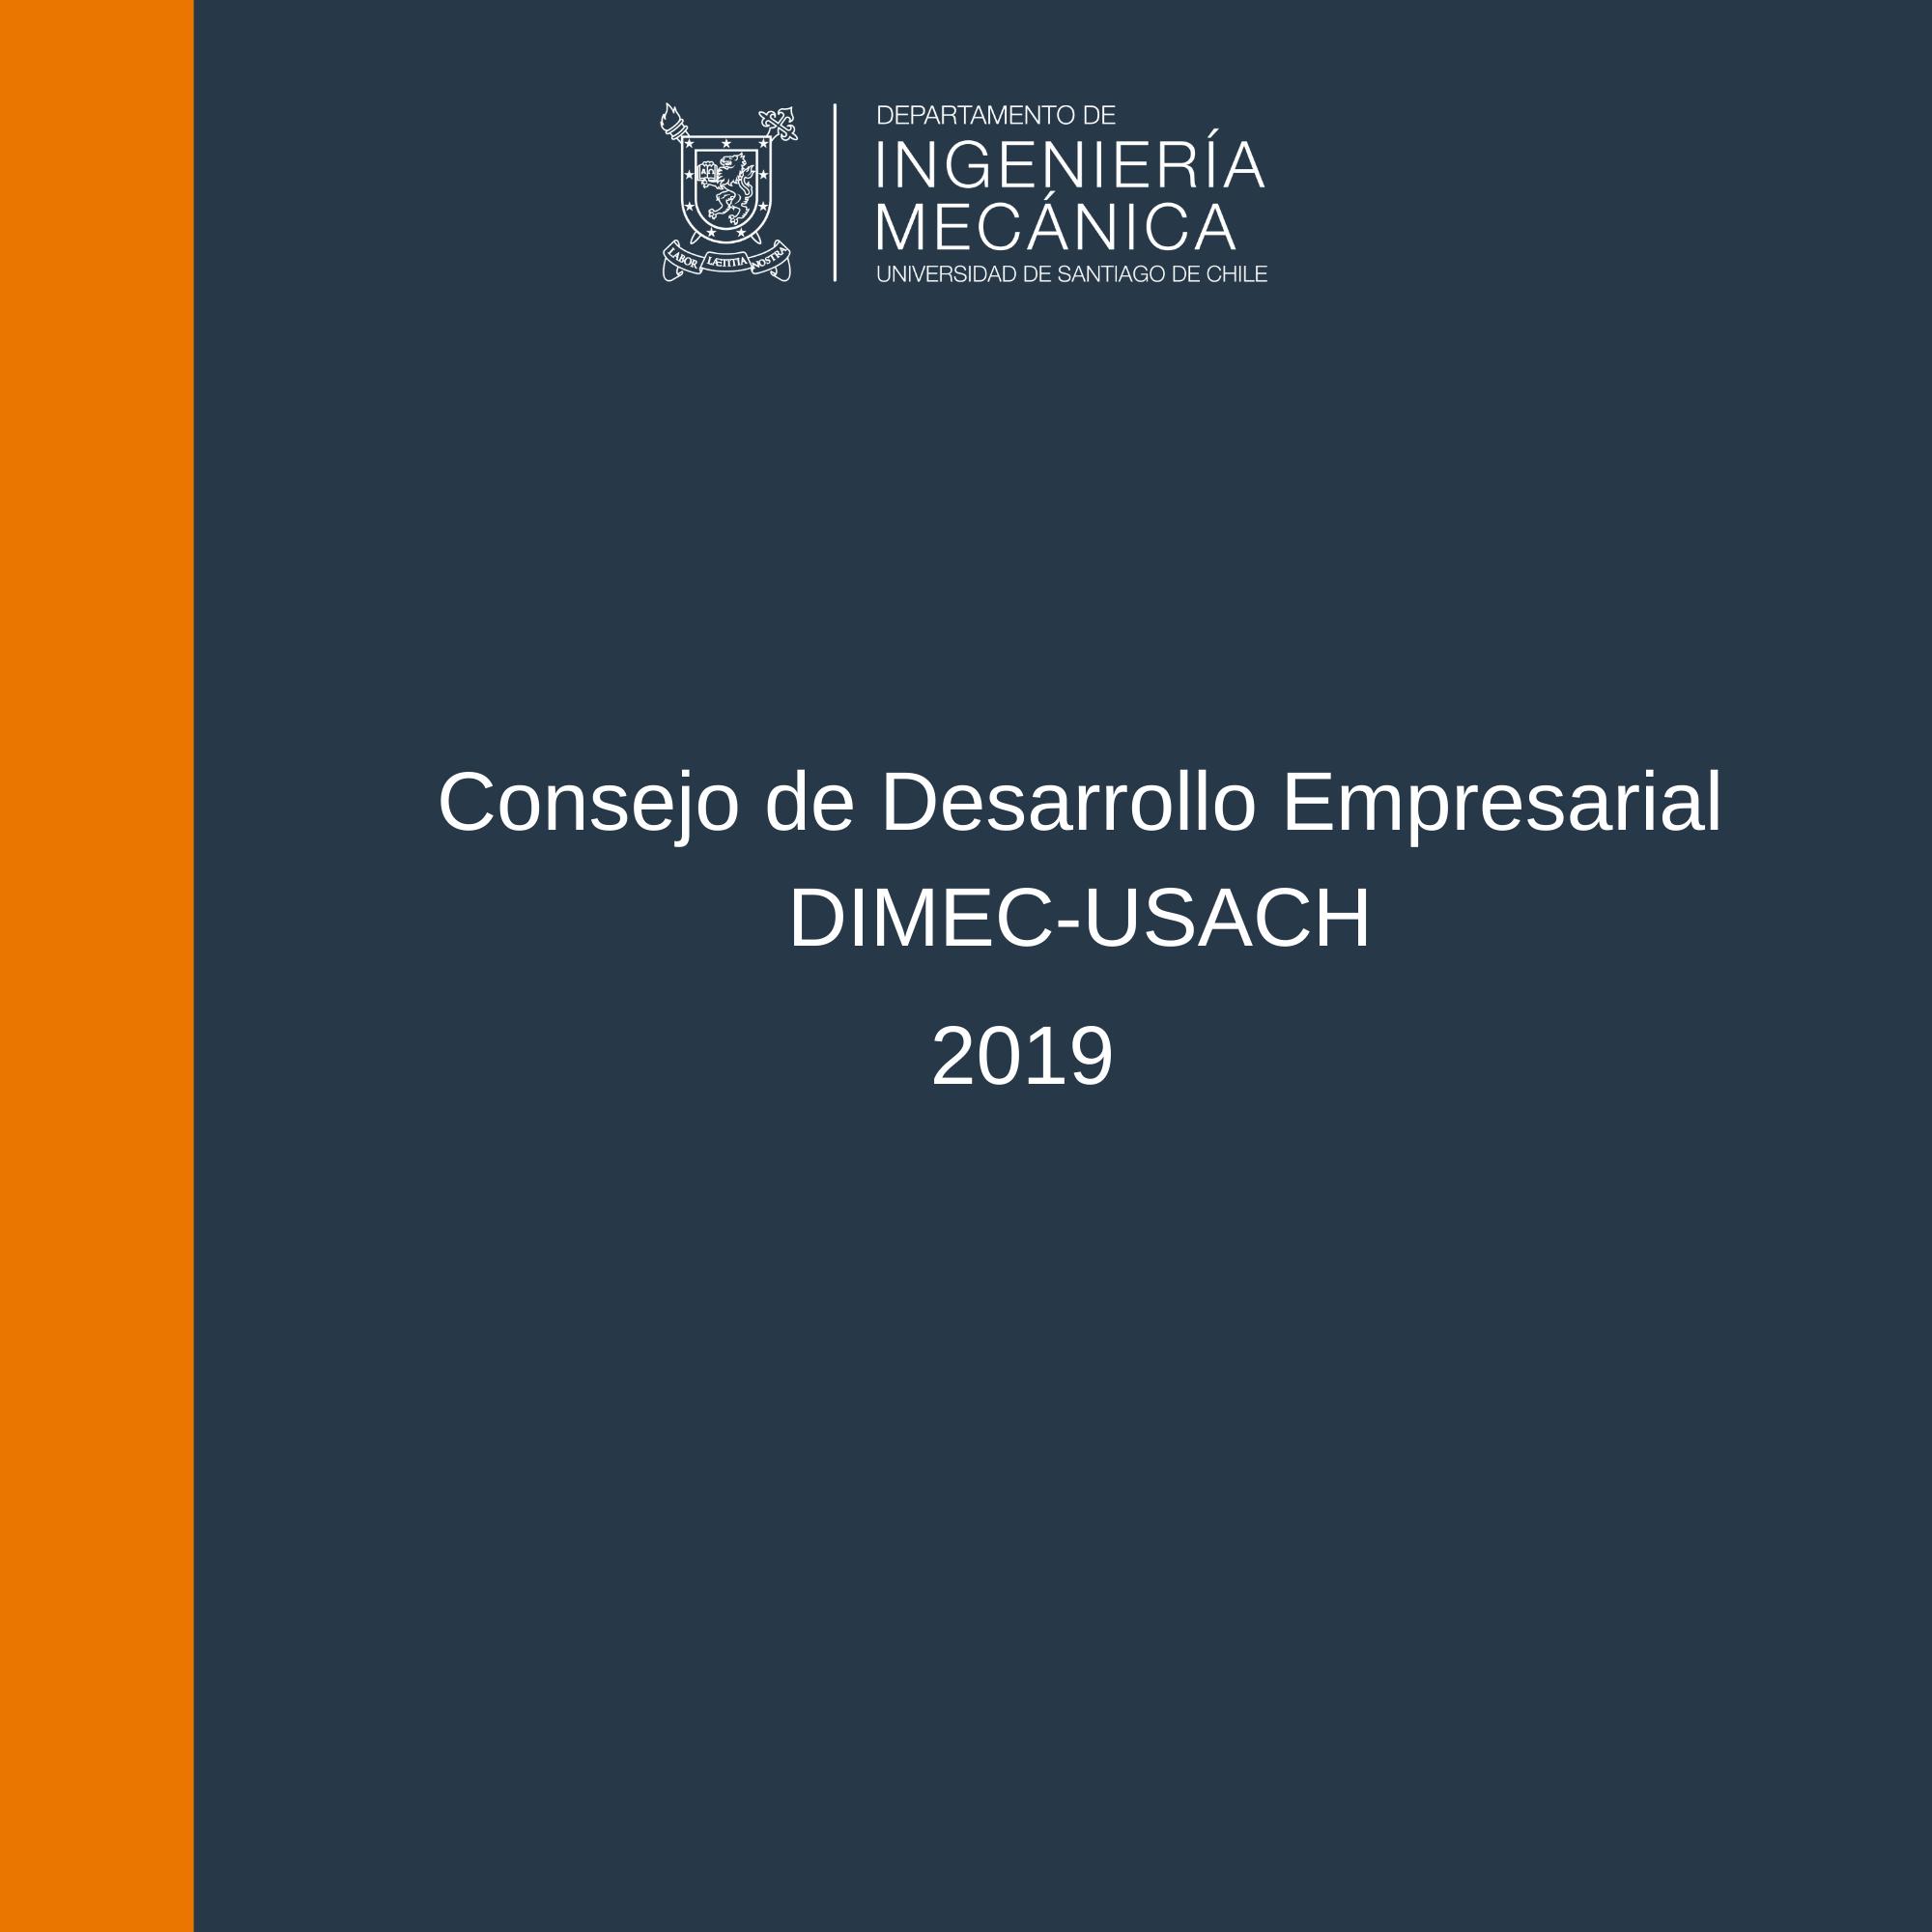 Informe de Gestión 2019 Consejo de Desarrollo Empresarial